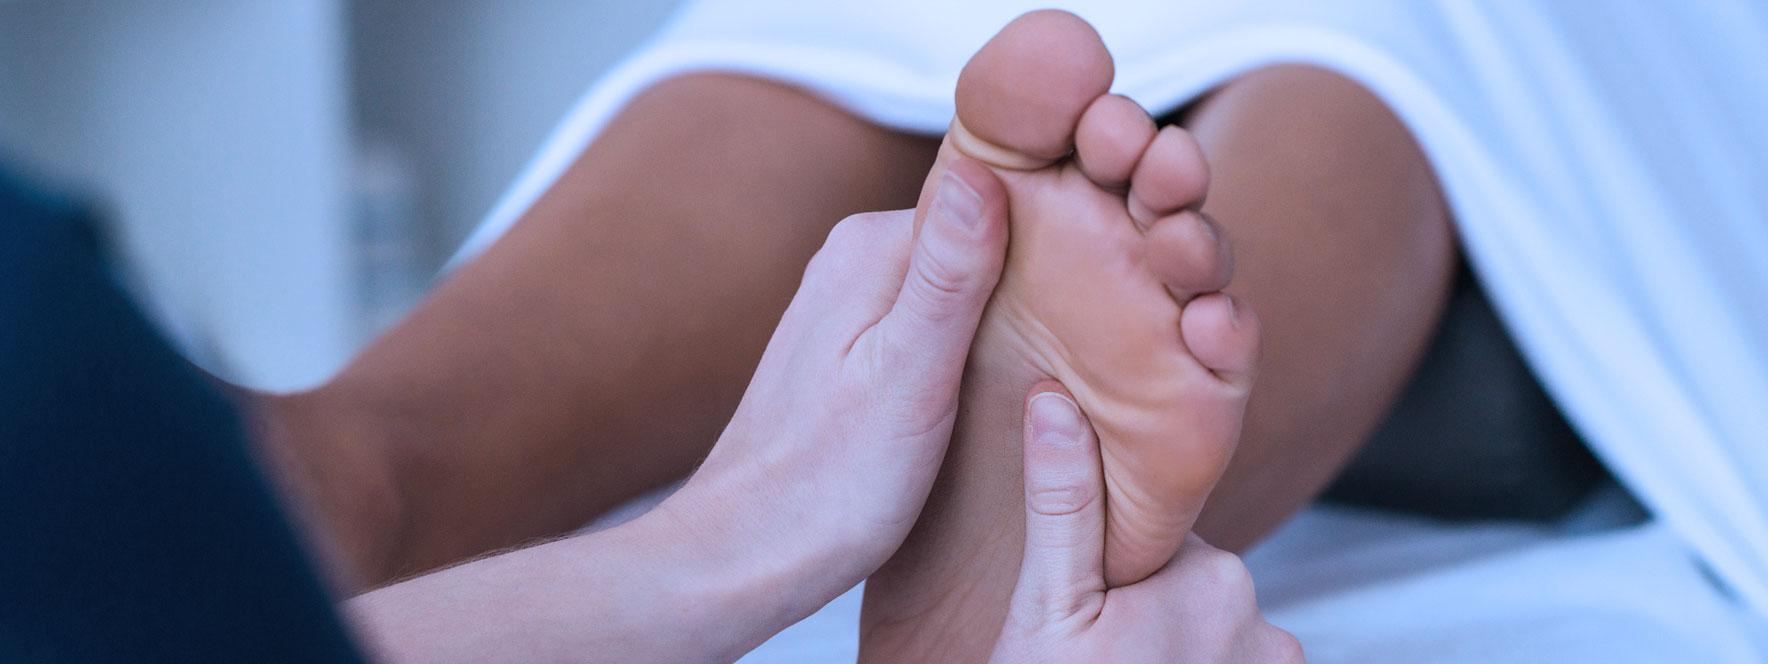 Massage des pieds - Blogue du Réseau